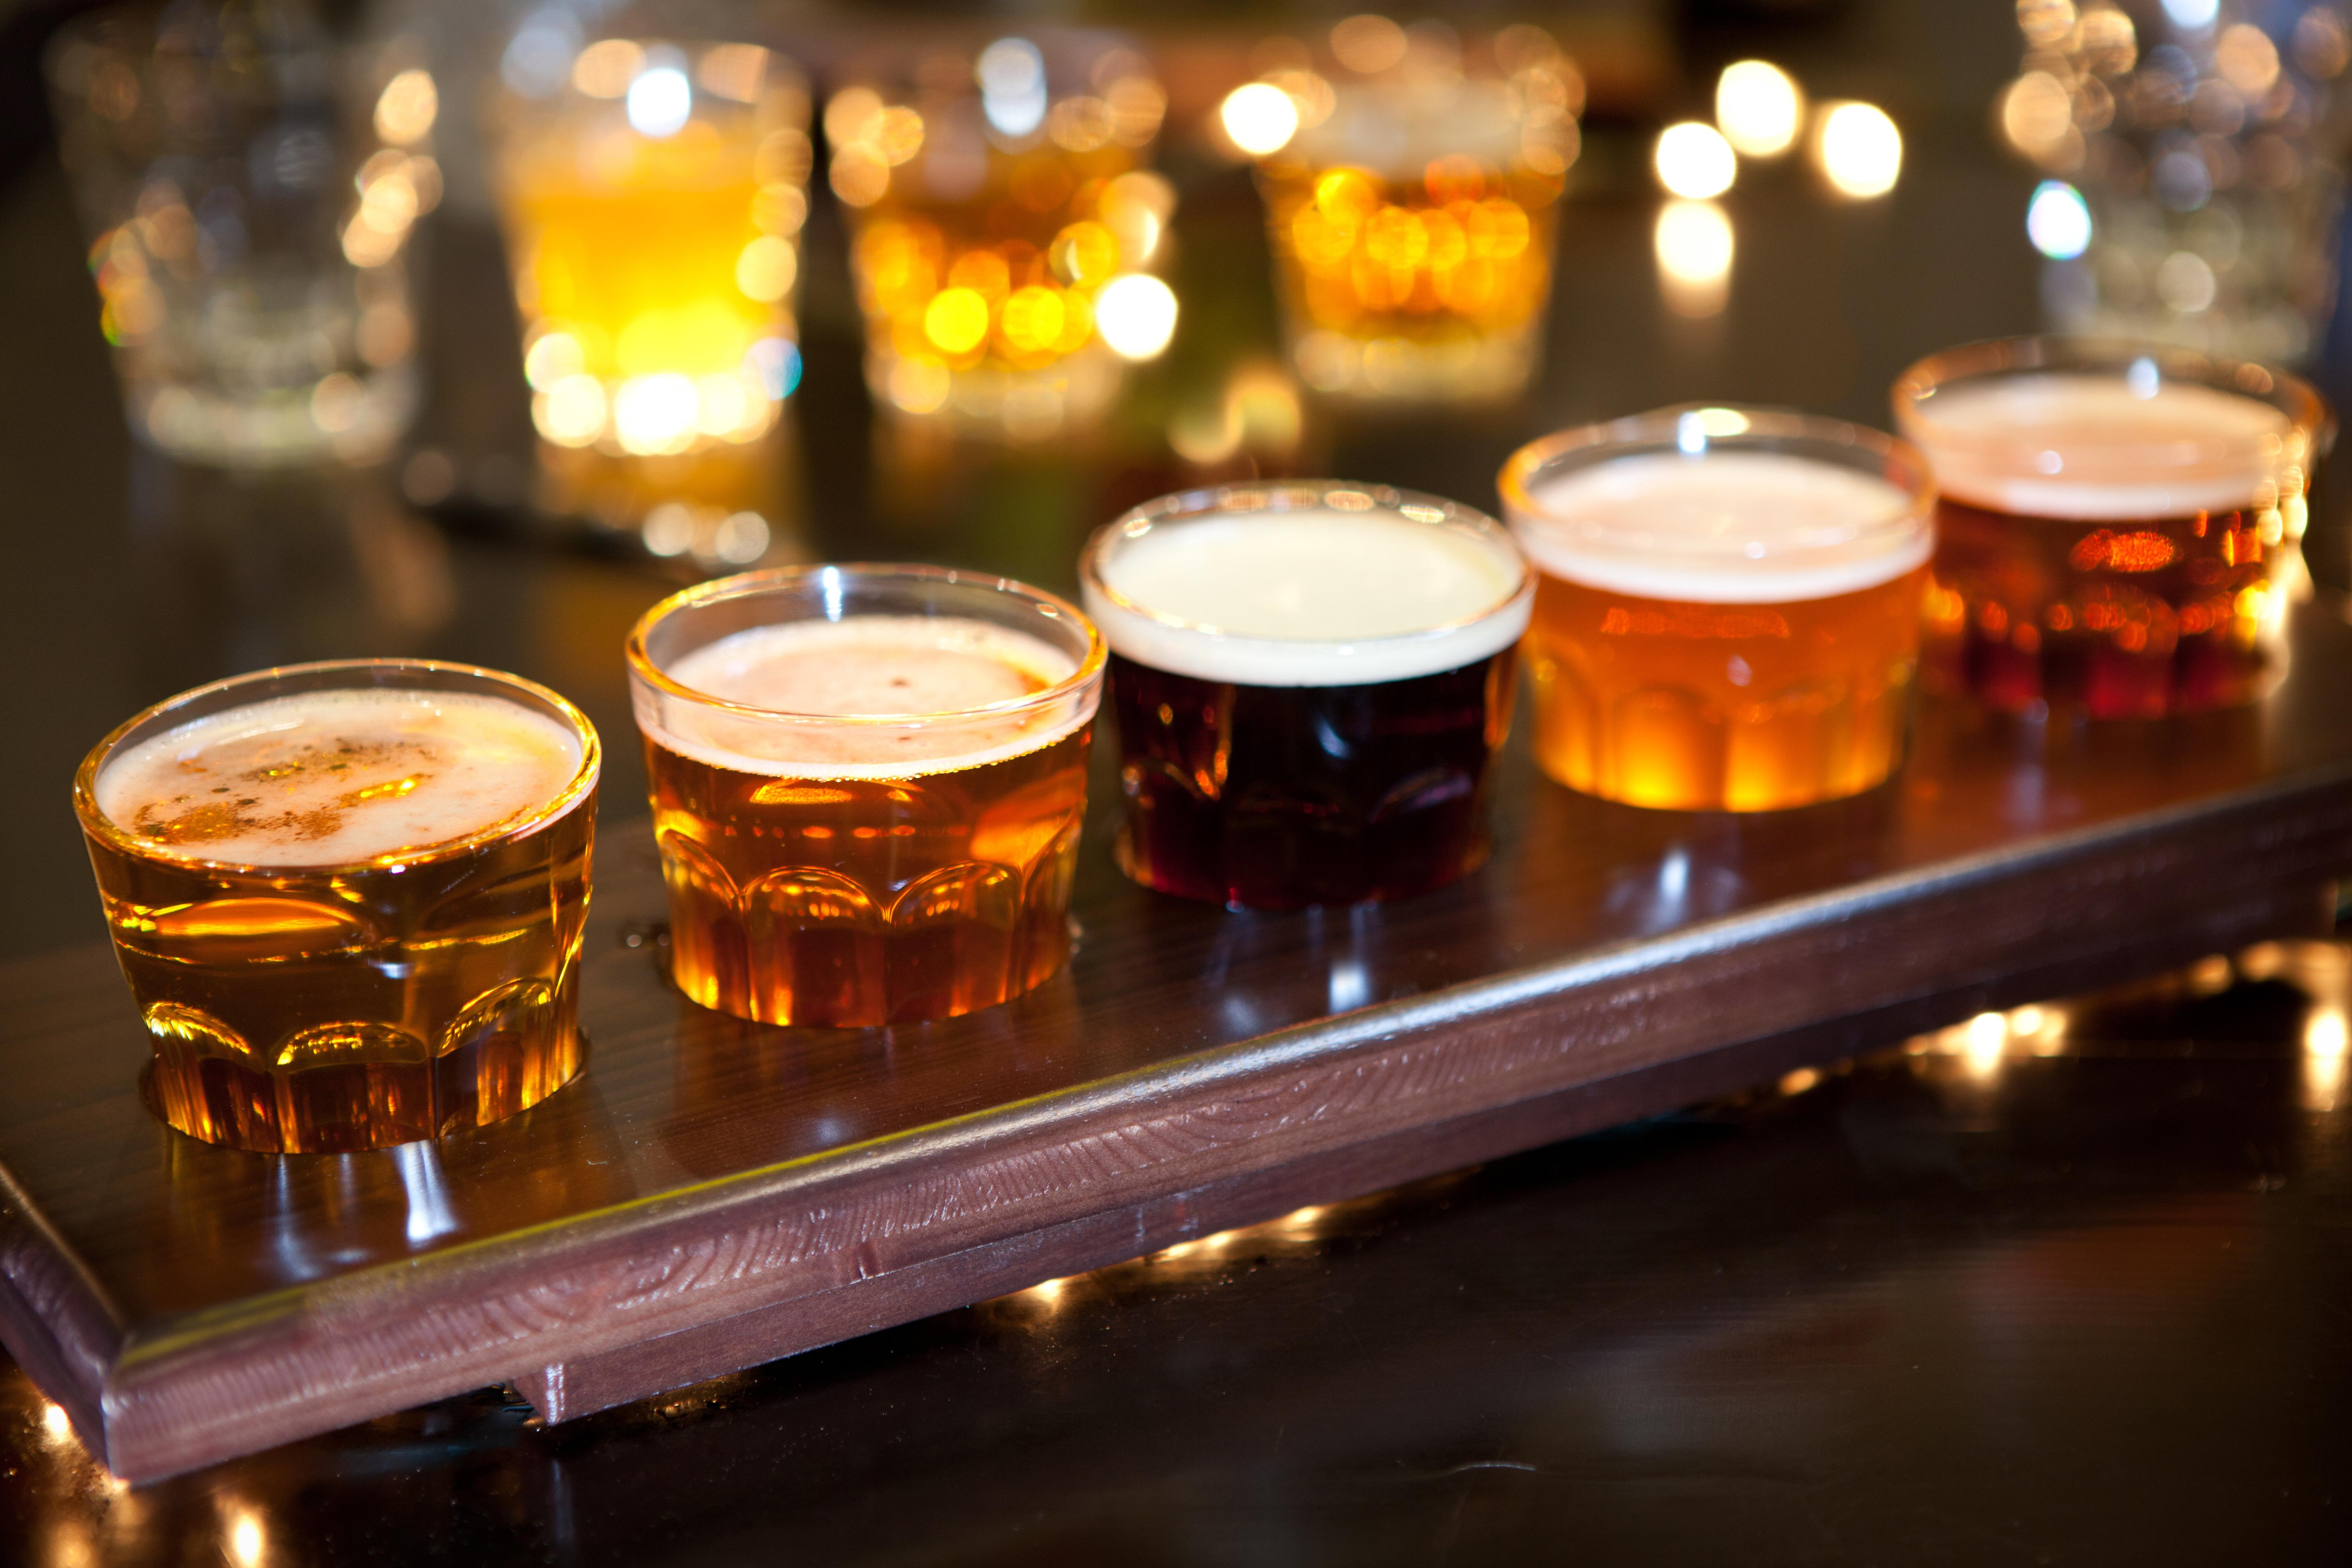 Bières rousses Cave de l'Authion